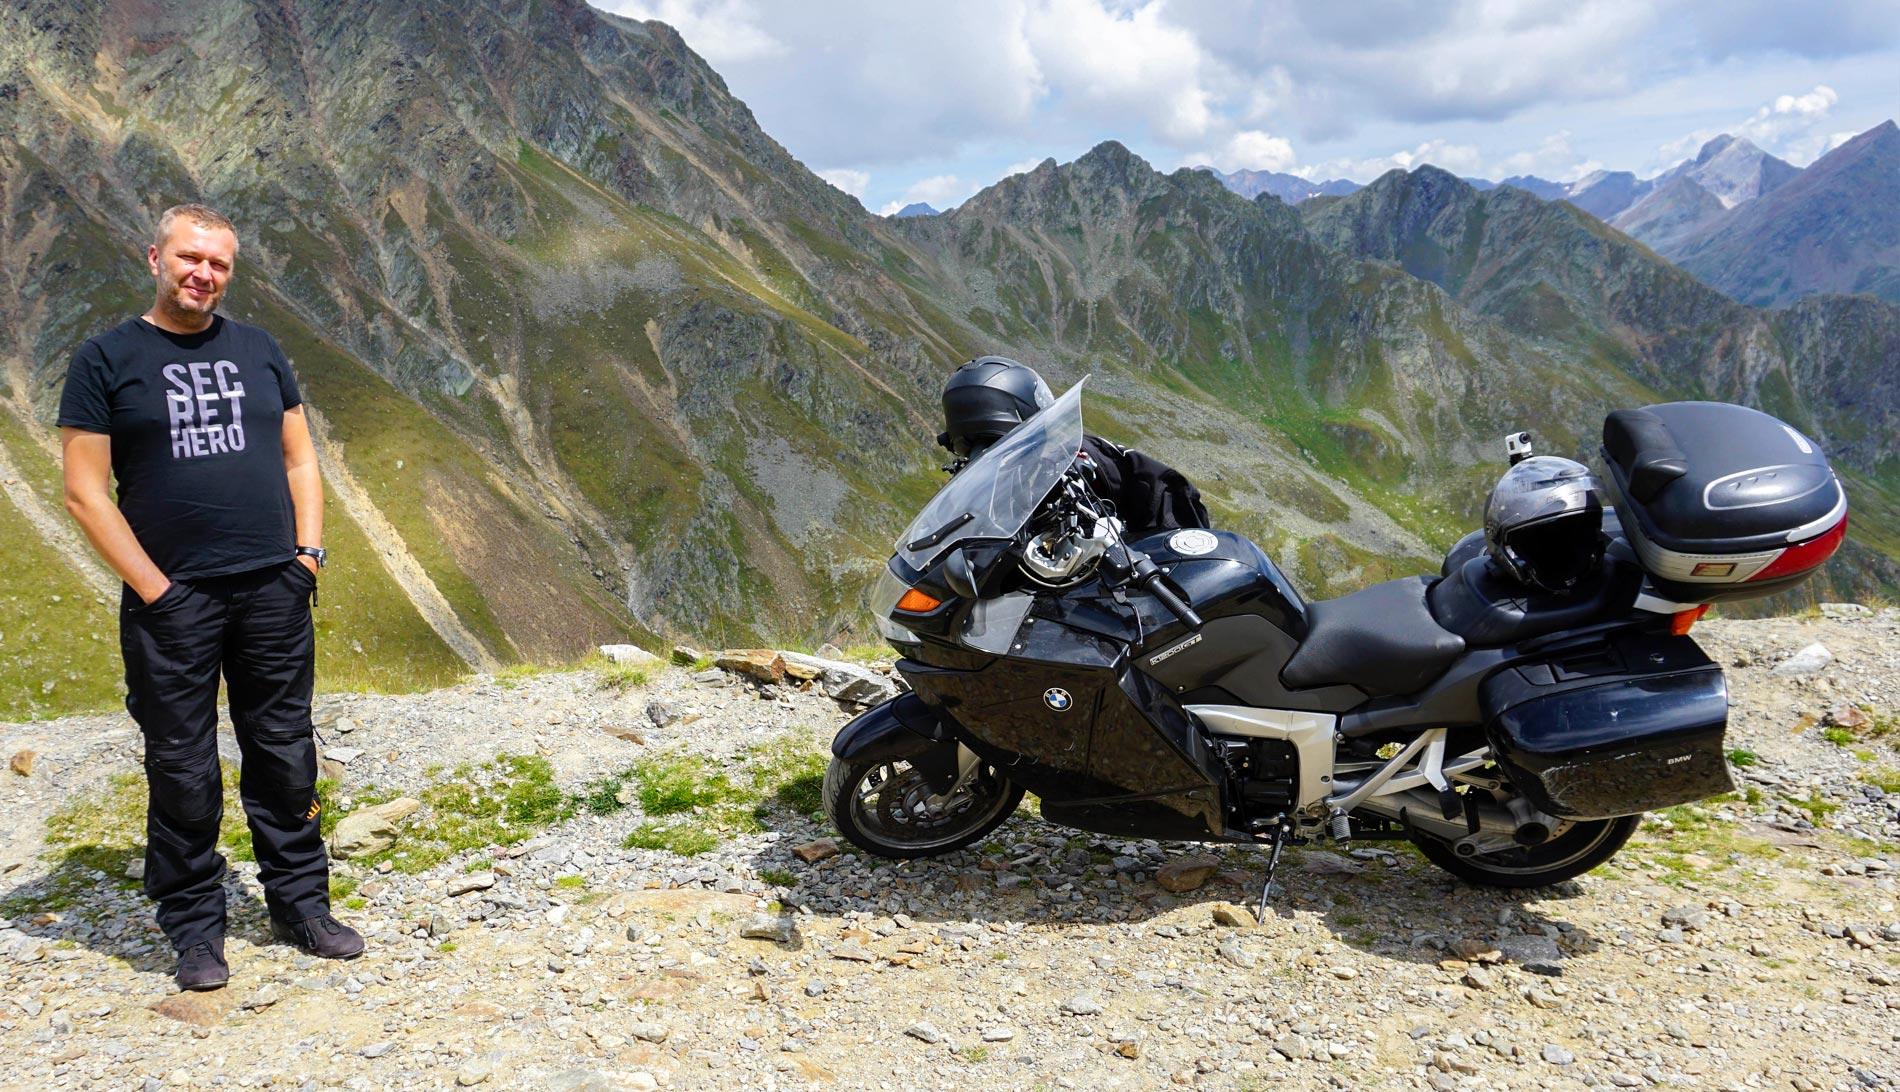 Timmelsjoch na motocyklu